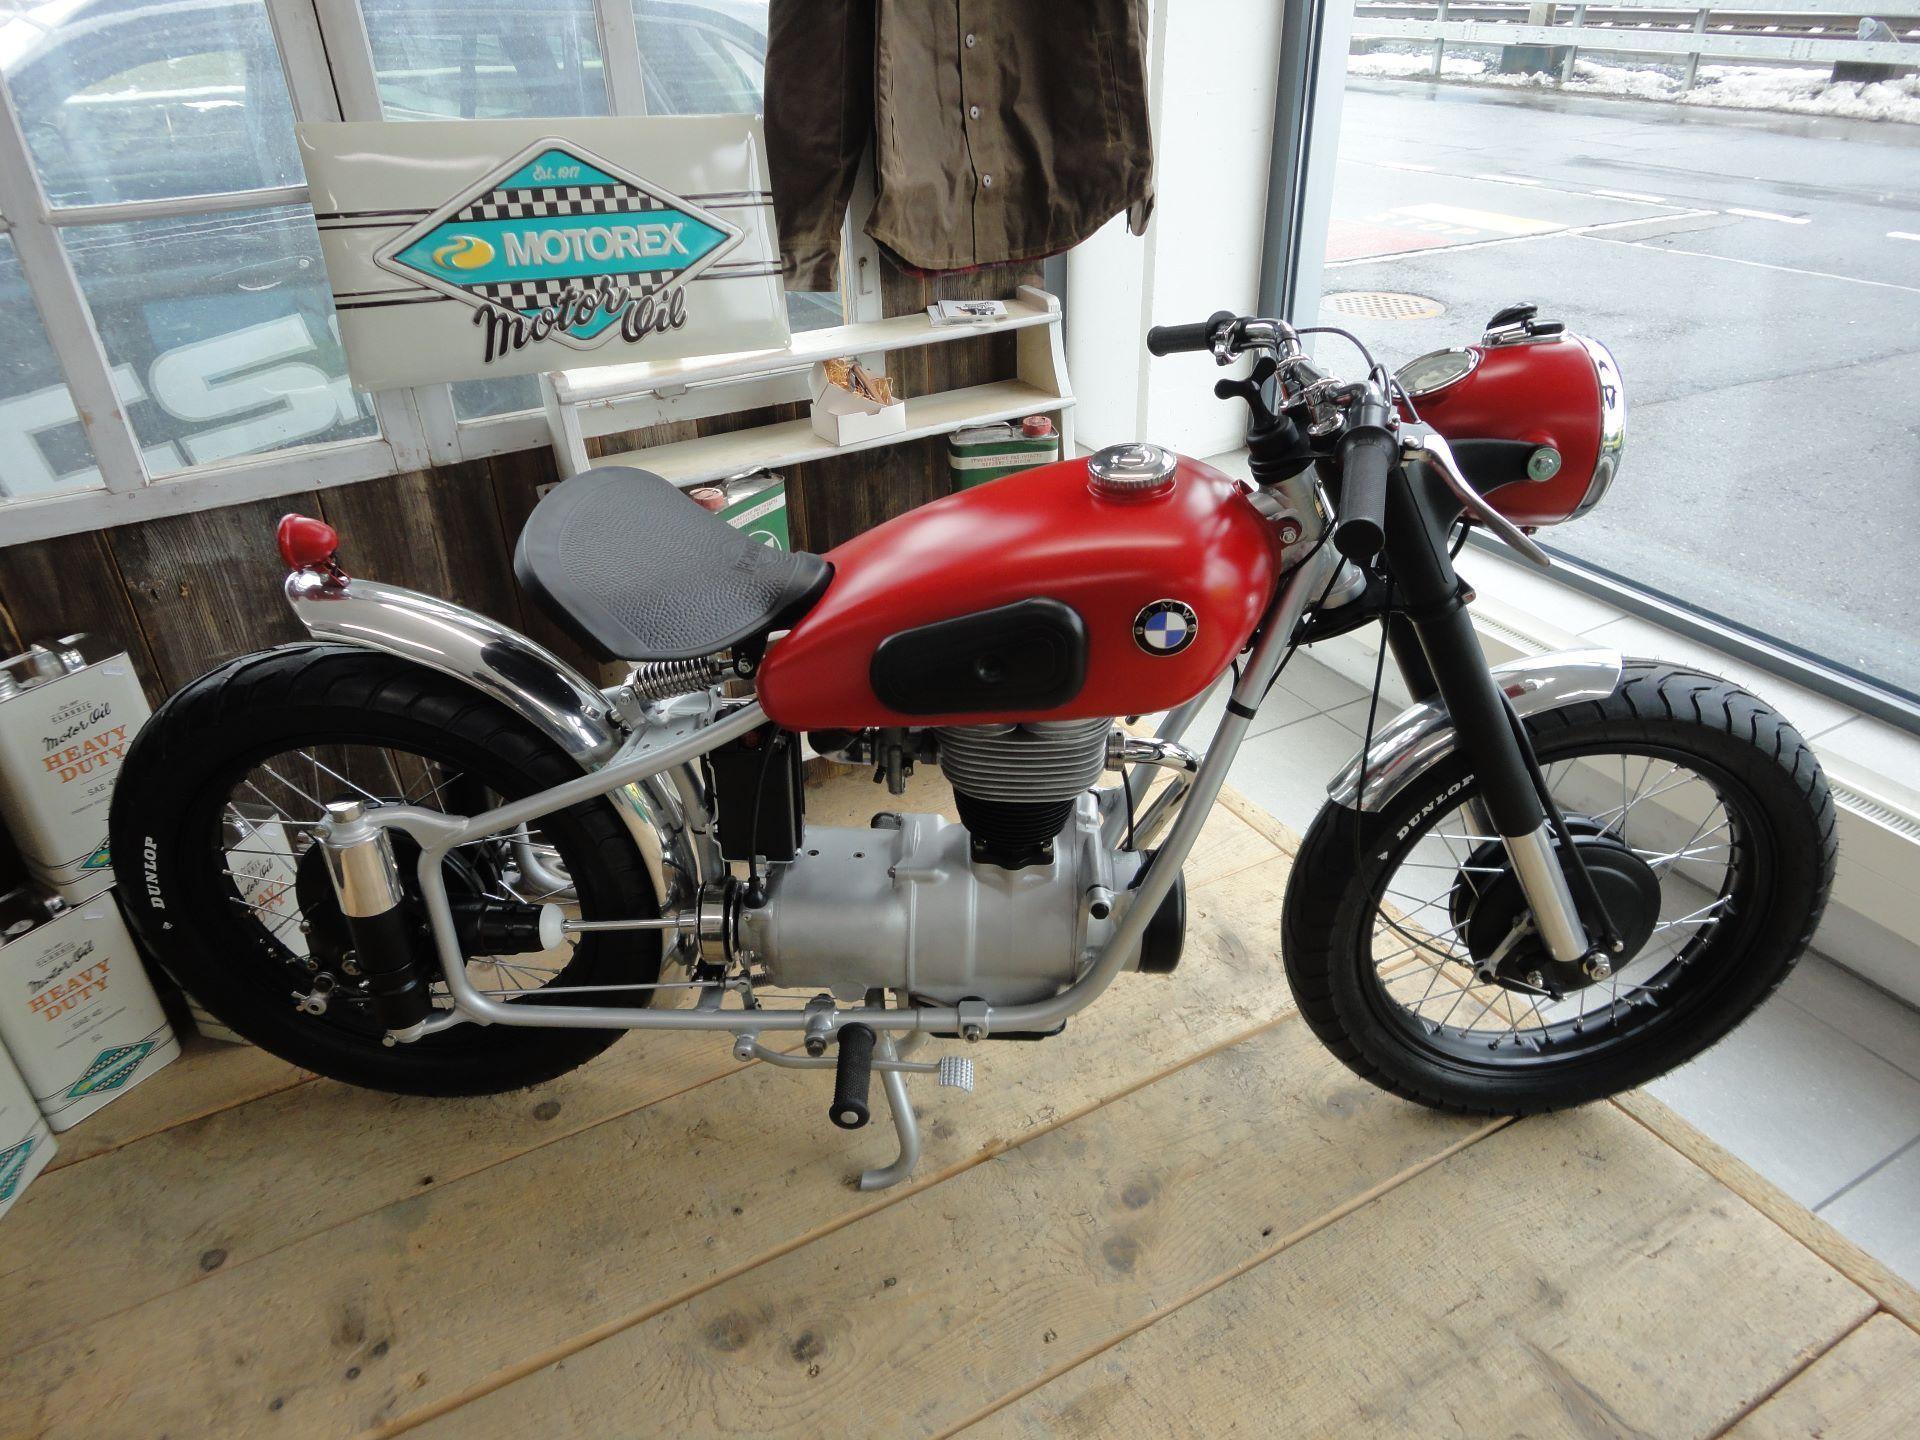 bmw r25 3 roter baron moto center schwyz ag seewen schwyz. Black Bedroom Furniture Sets. Home Design Ideas